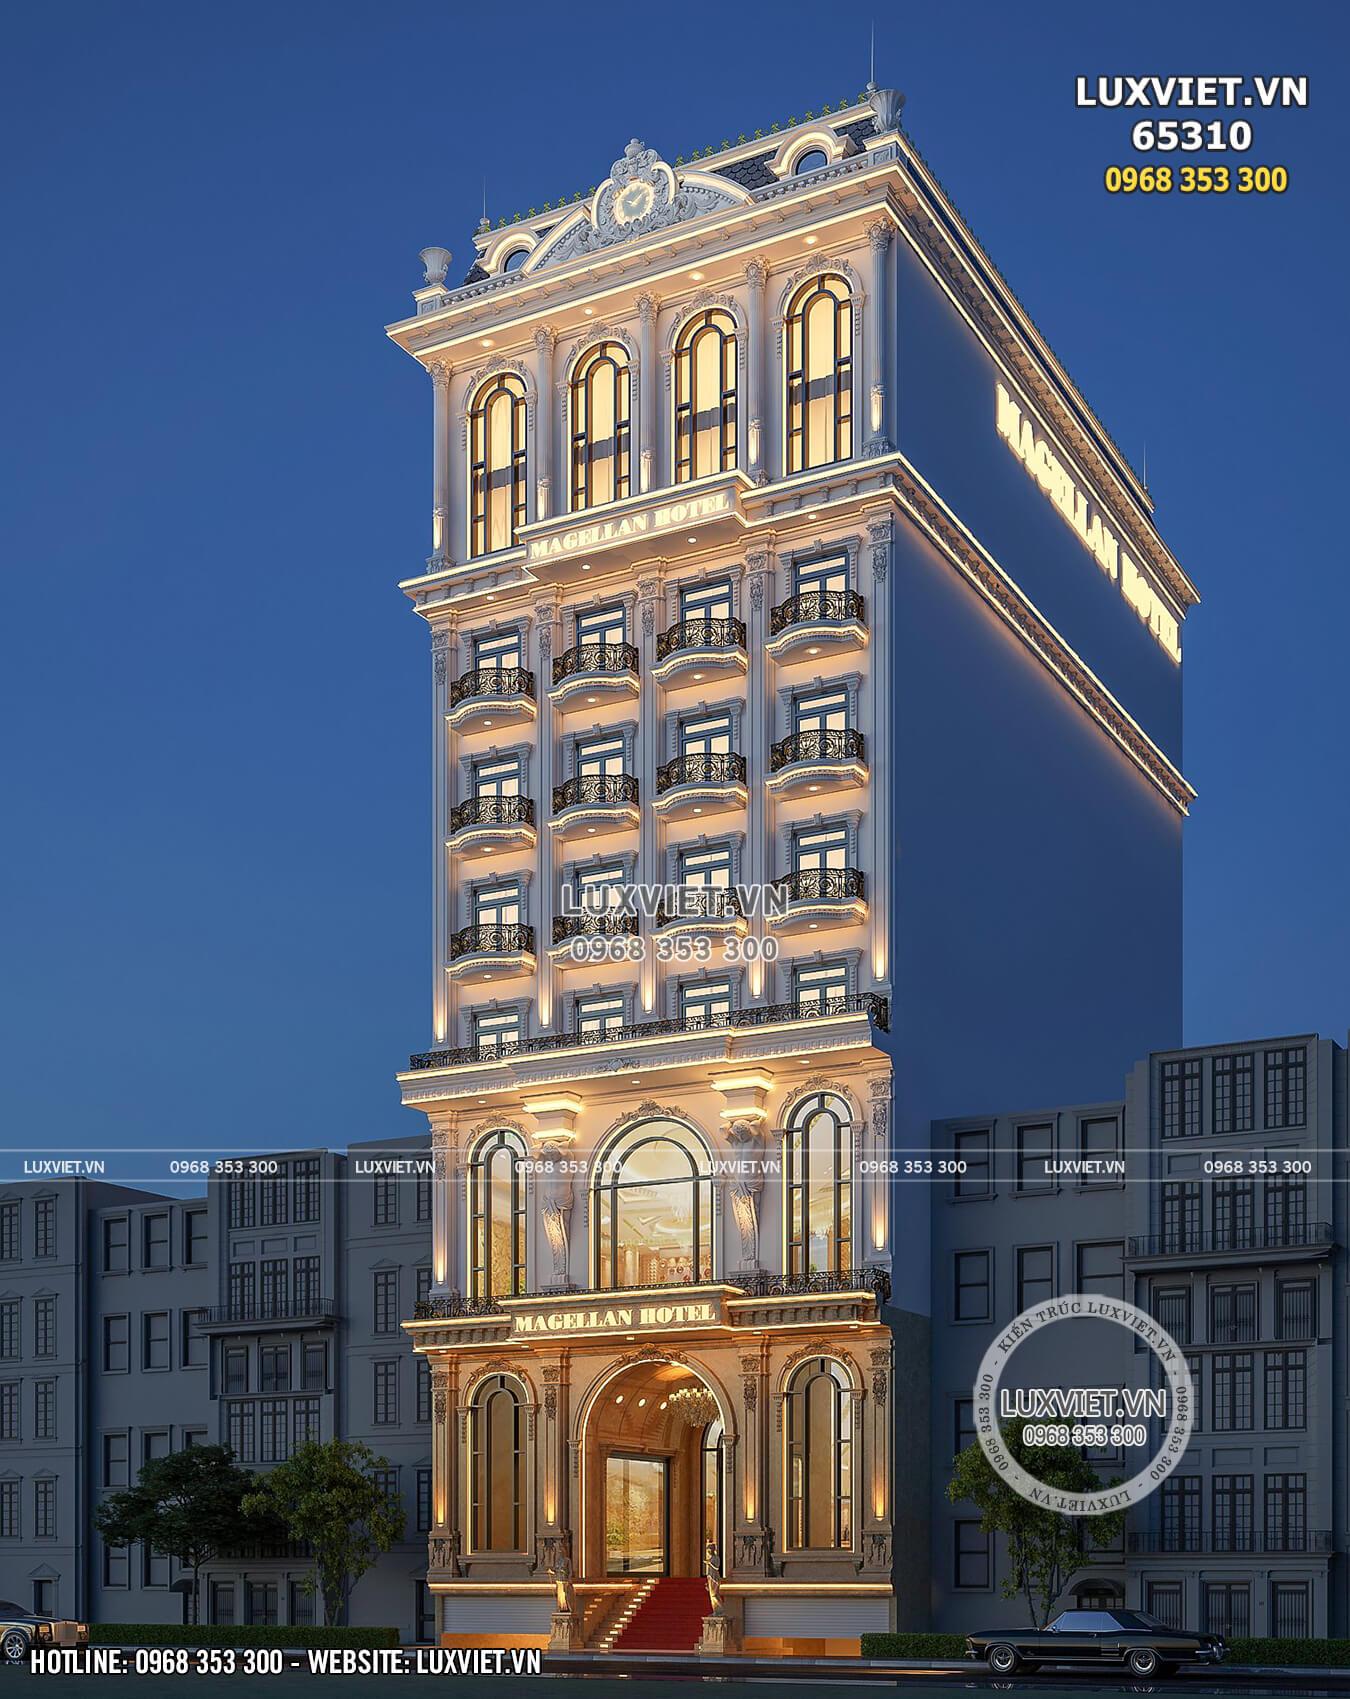 Hình ảnh: Mẫu khách sạn 10 tầng đẹp lộng lẫy - LV 65310